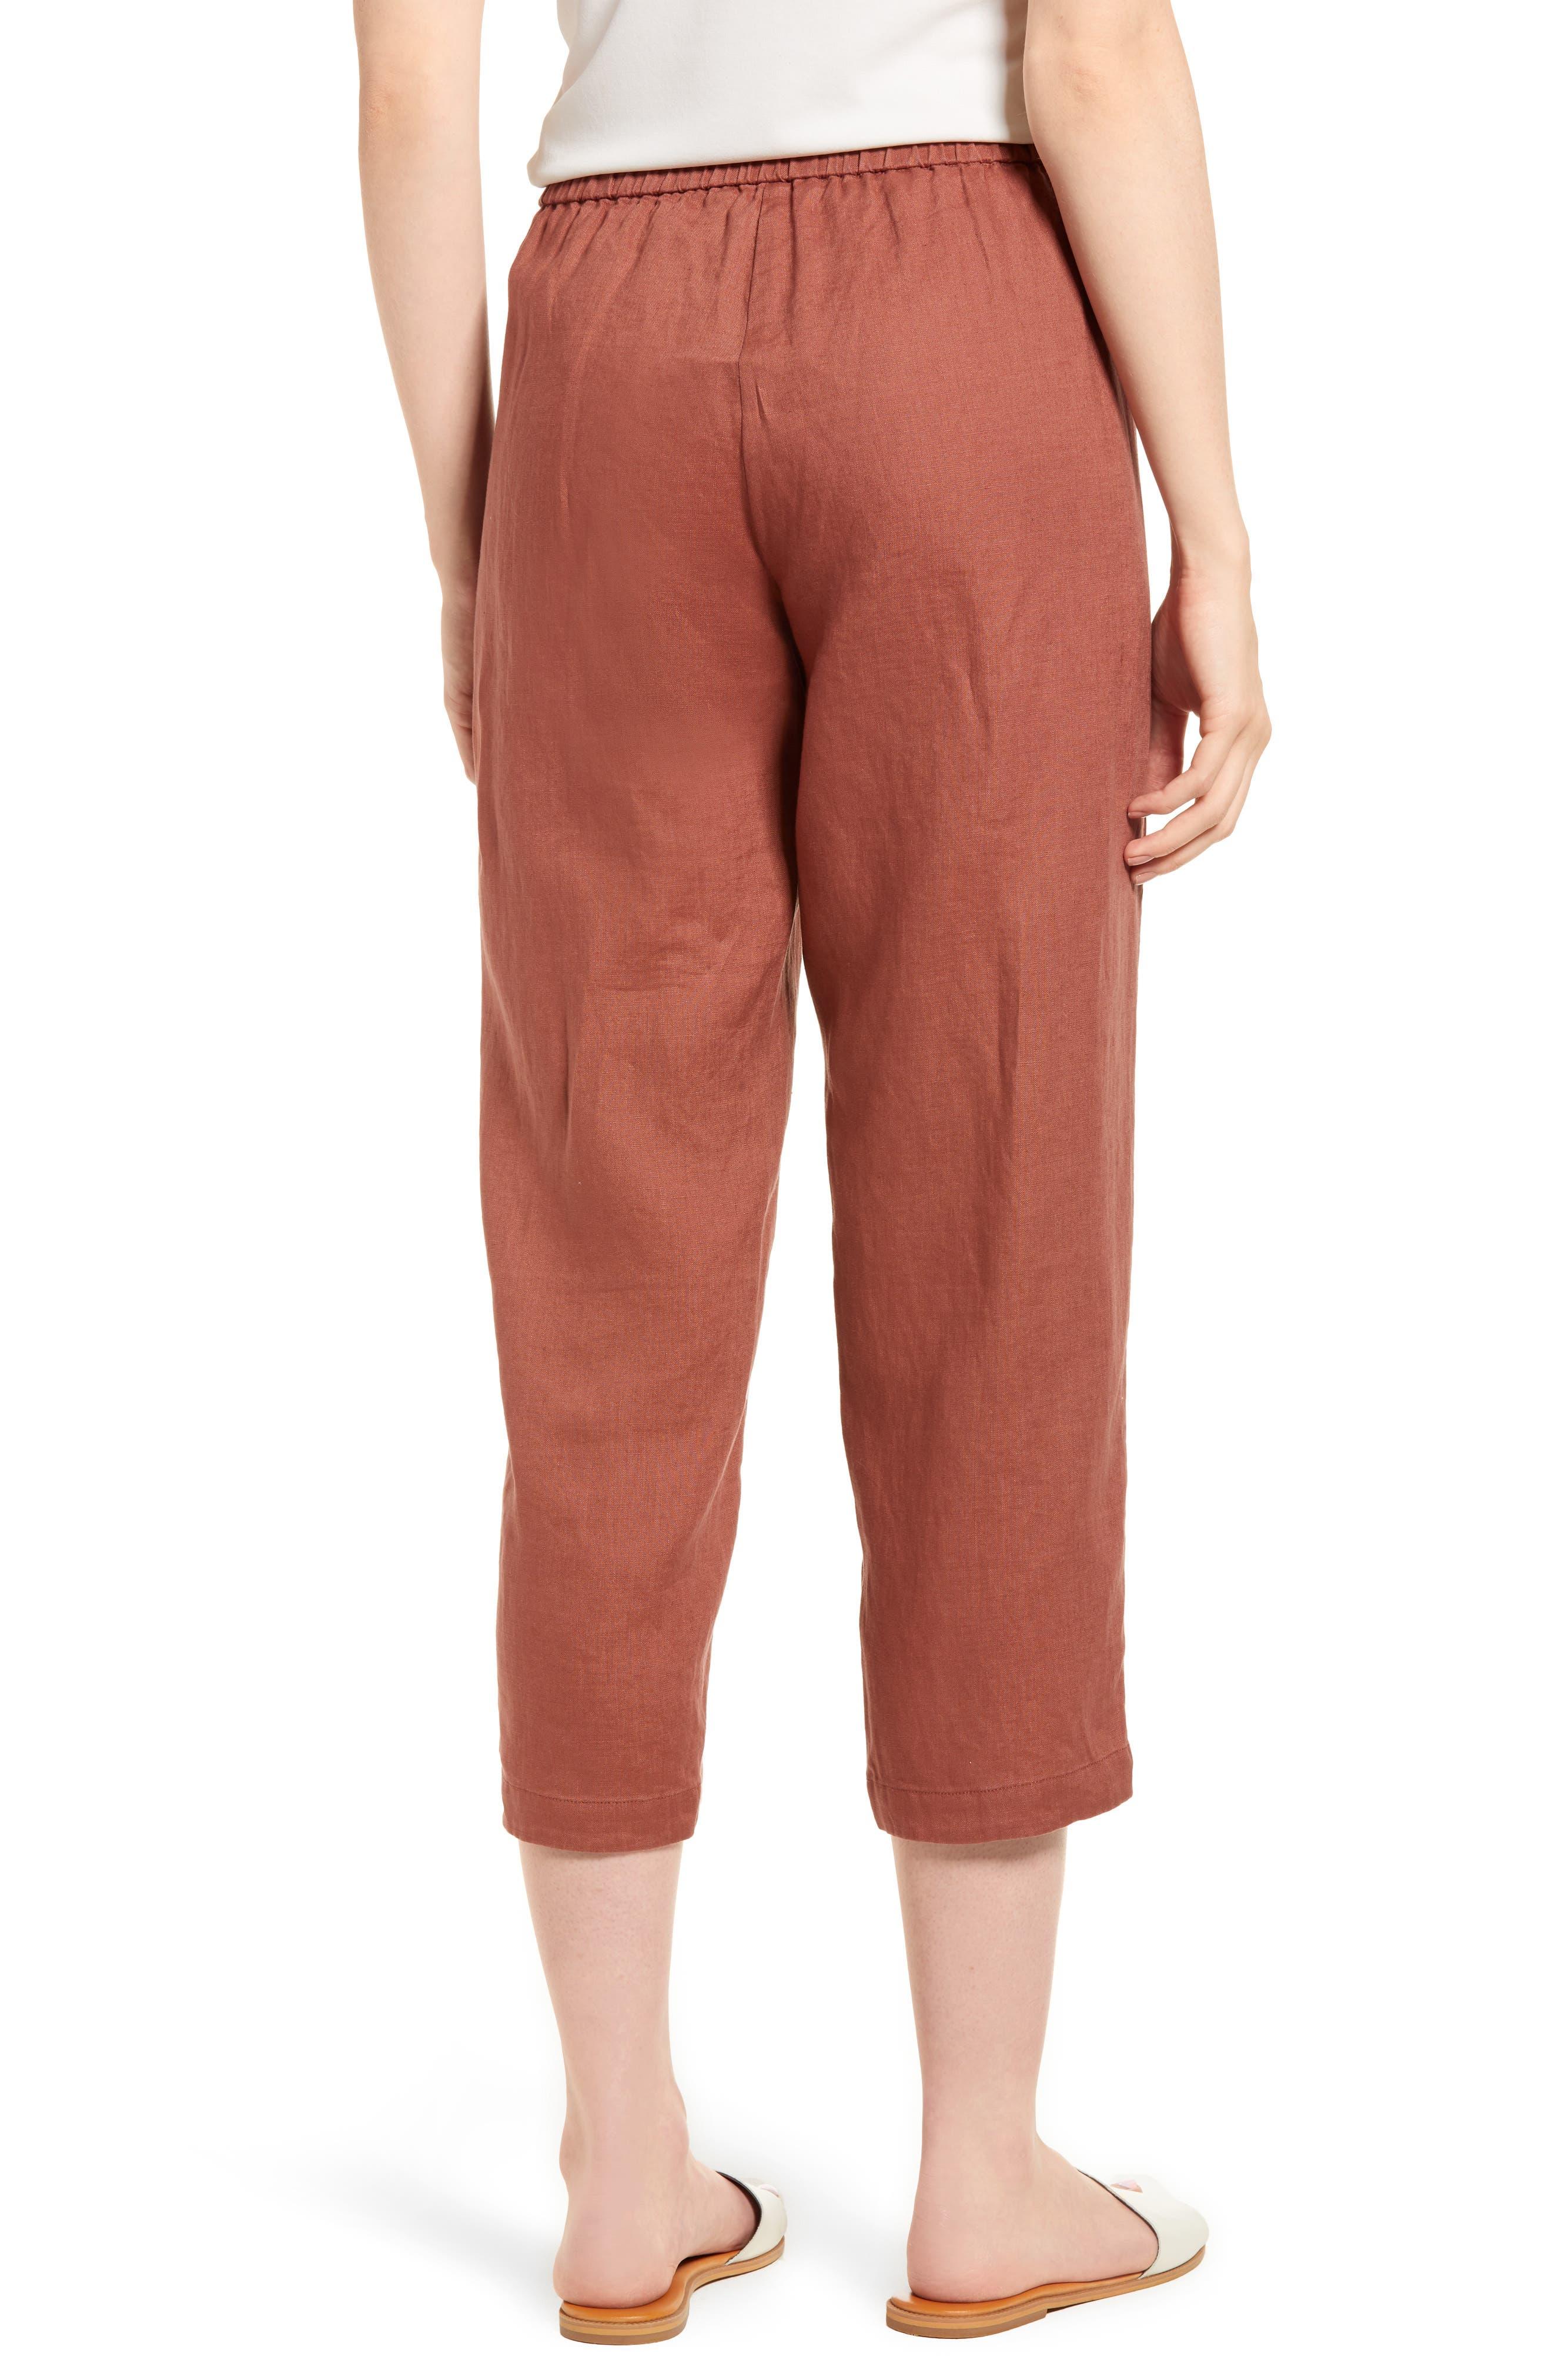 Organic Linen Crop Pants,                             Alternate thumbnail 2, color,                             Russet